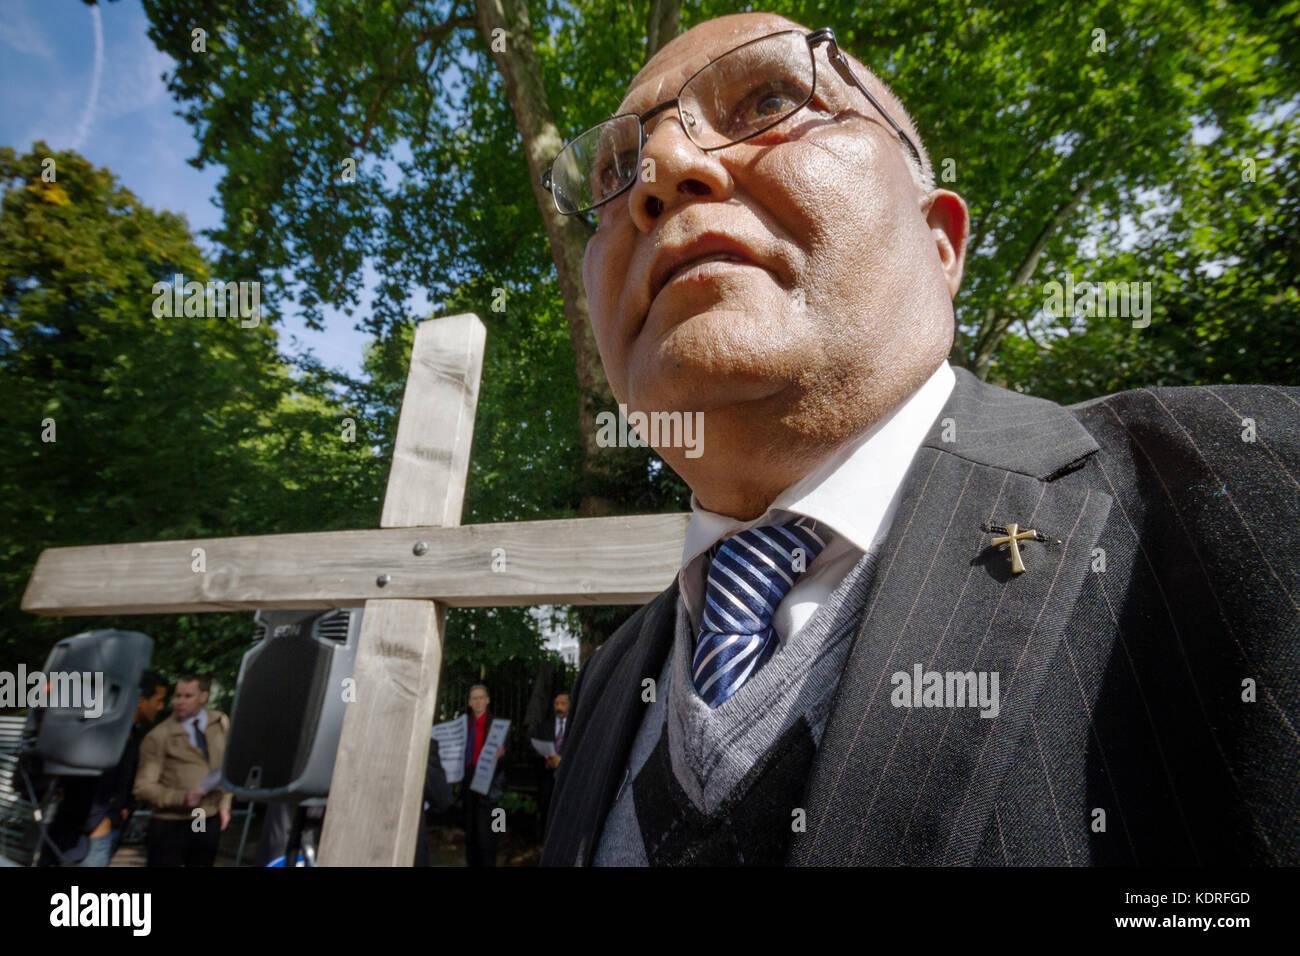 British cristiani pakistani protestare fuori ad Alta Commissione del Pakistan in Londra, Regno Unito. Immagini Stock